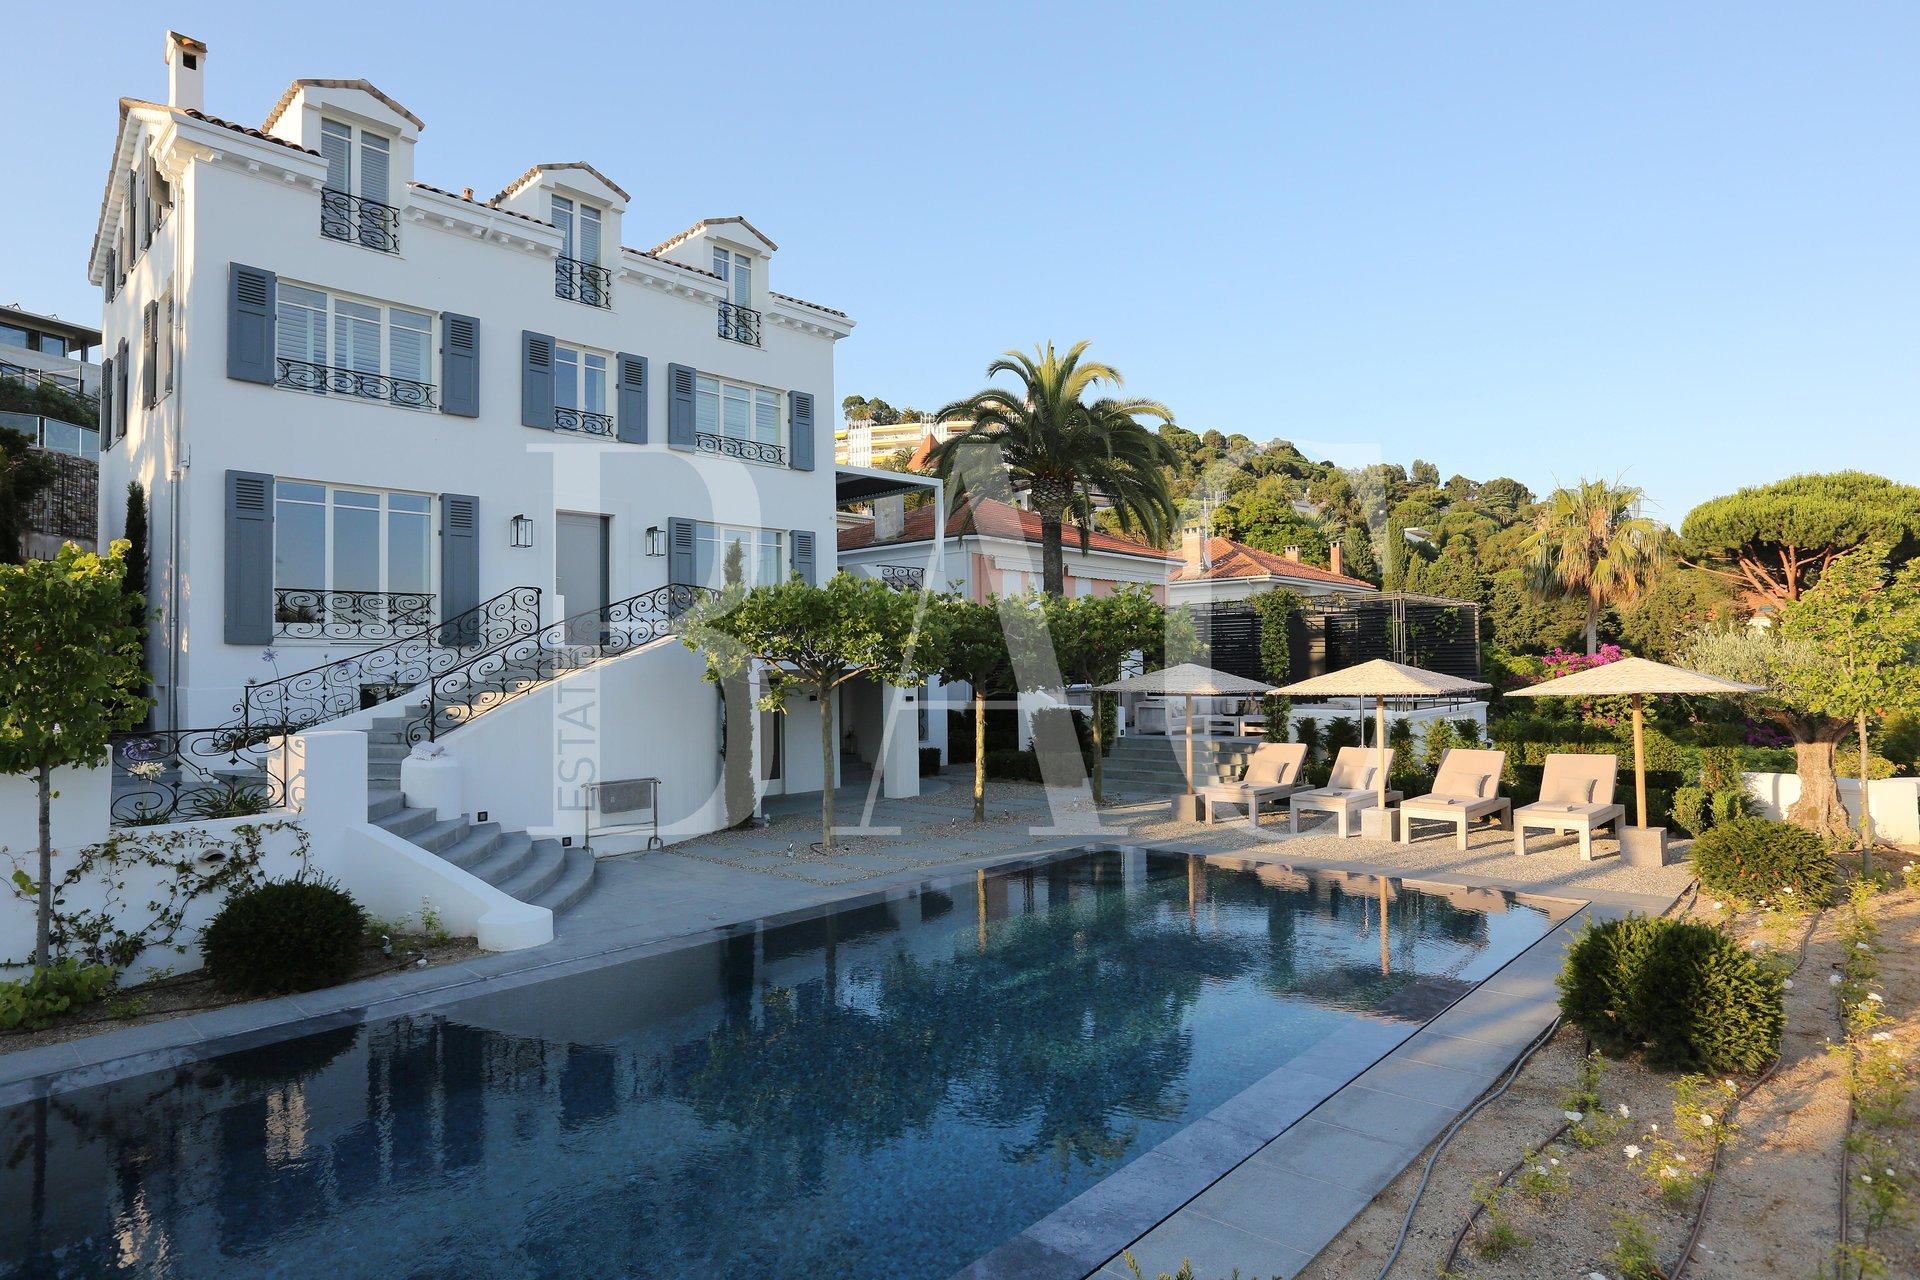 Cannes Basse Californie, une villa remplie d'histoire.